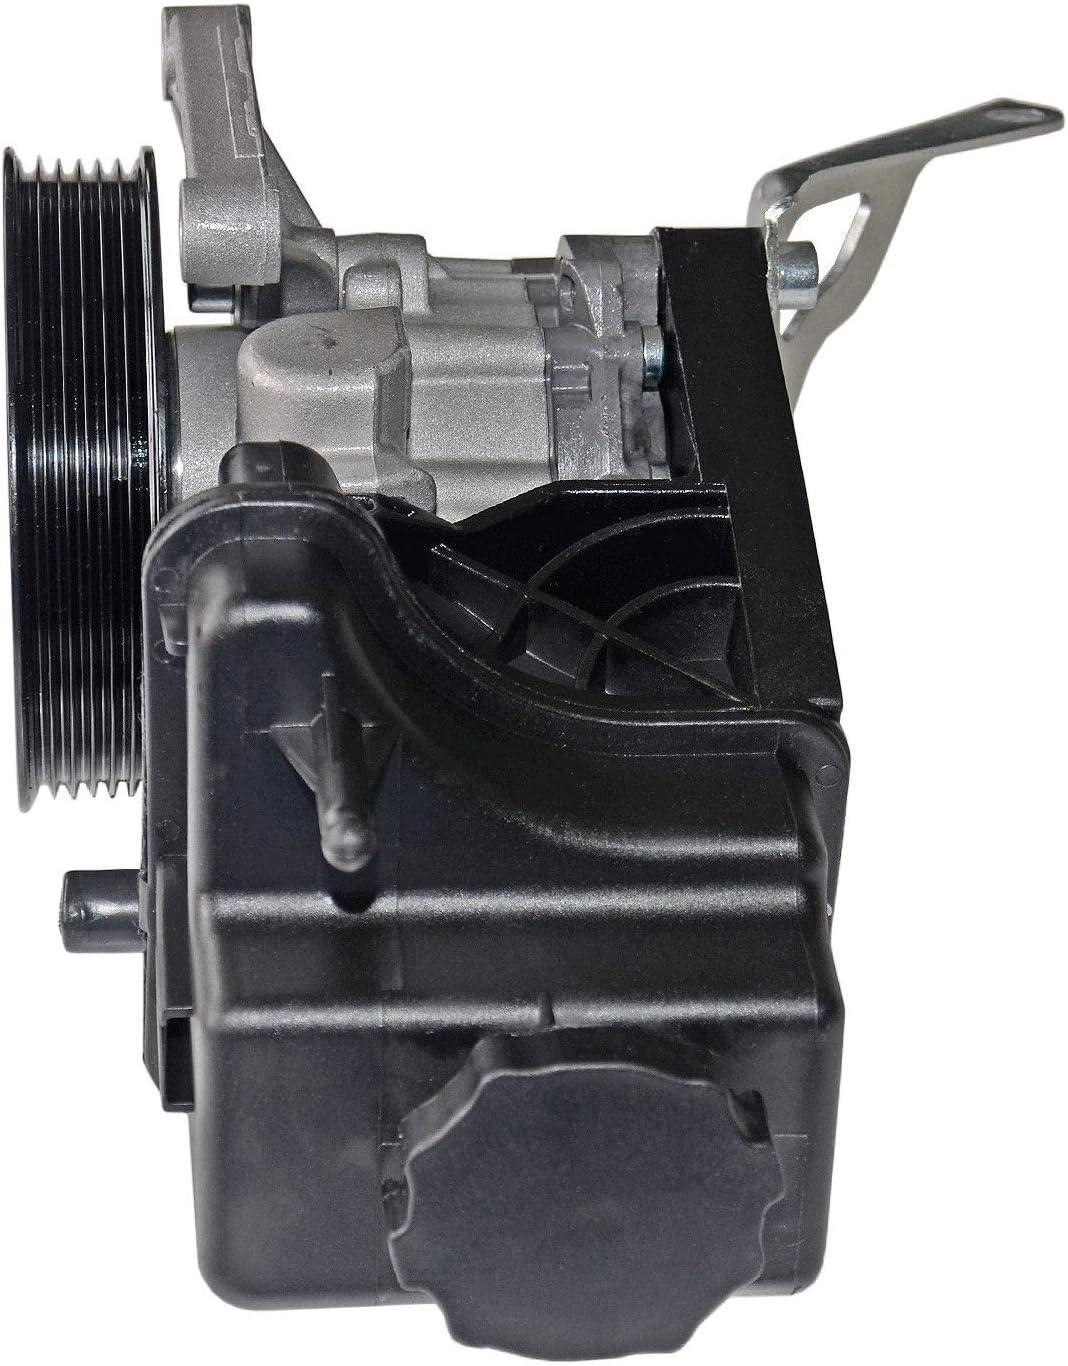 Bomba de lavado de faros para Mercedes Sprinter II 06 /> En el 1.8 2.1 2.2 3.0 3.5 906